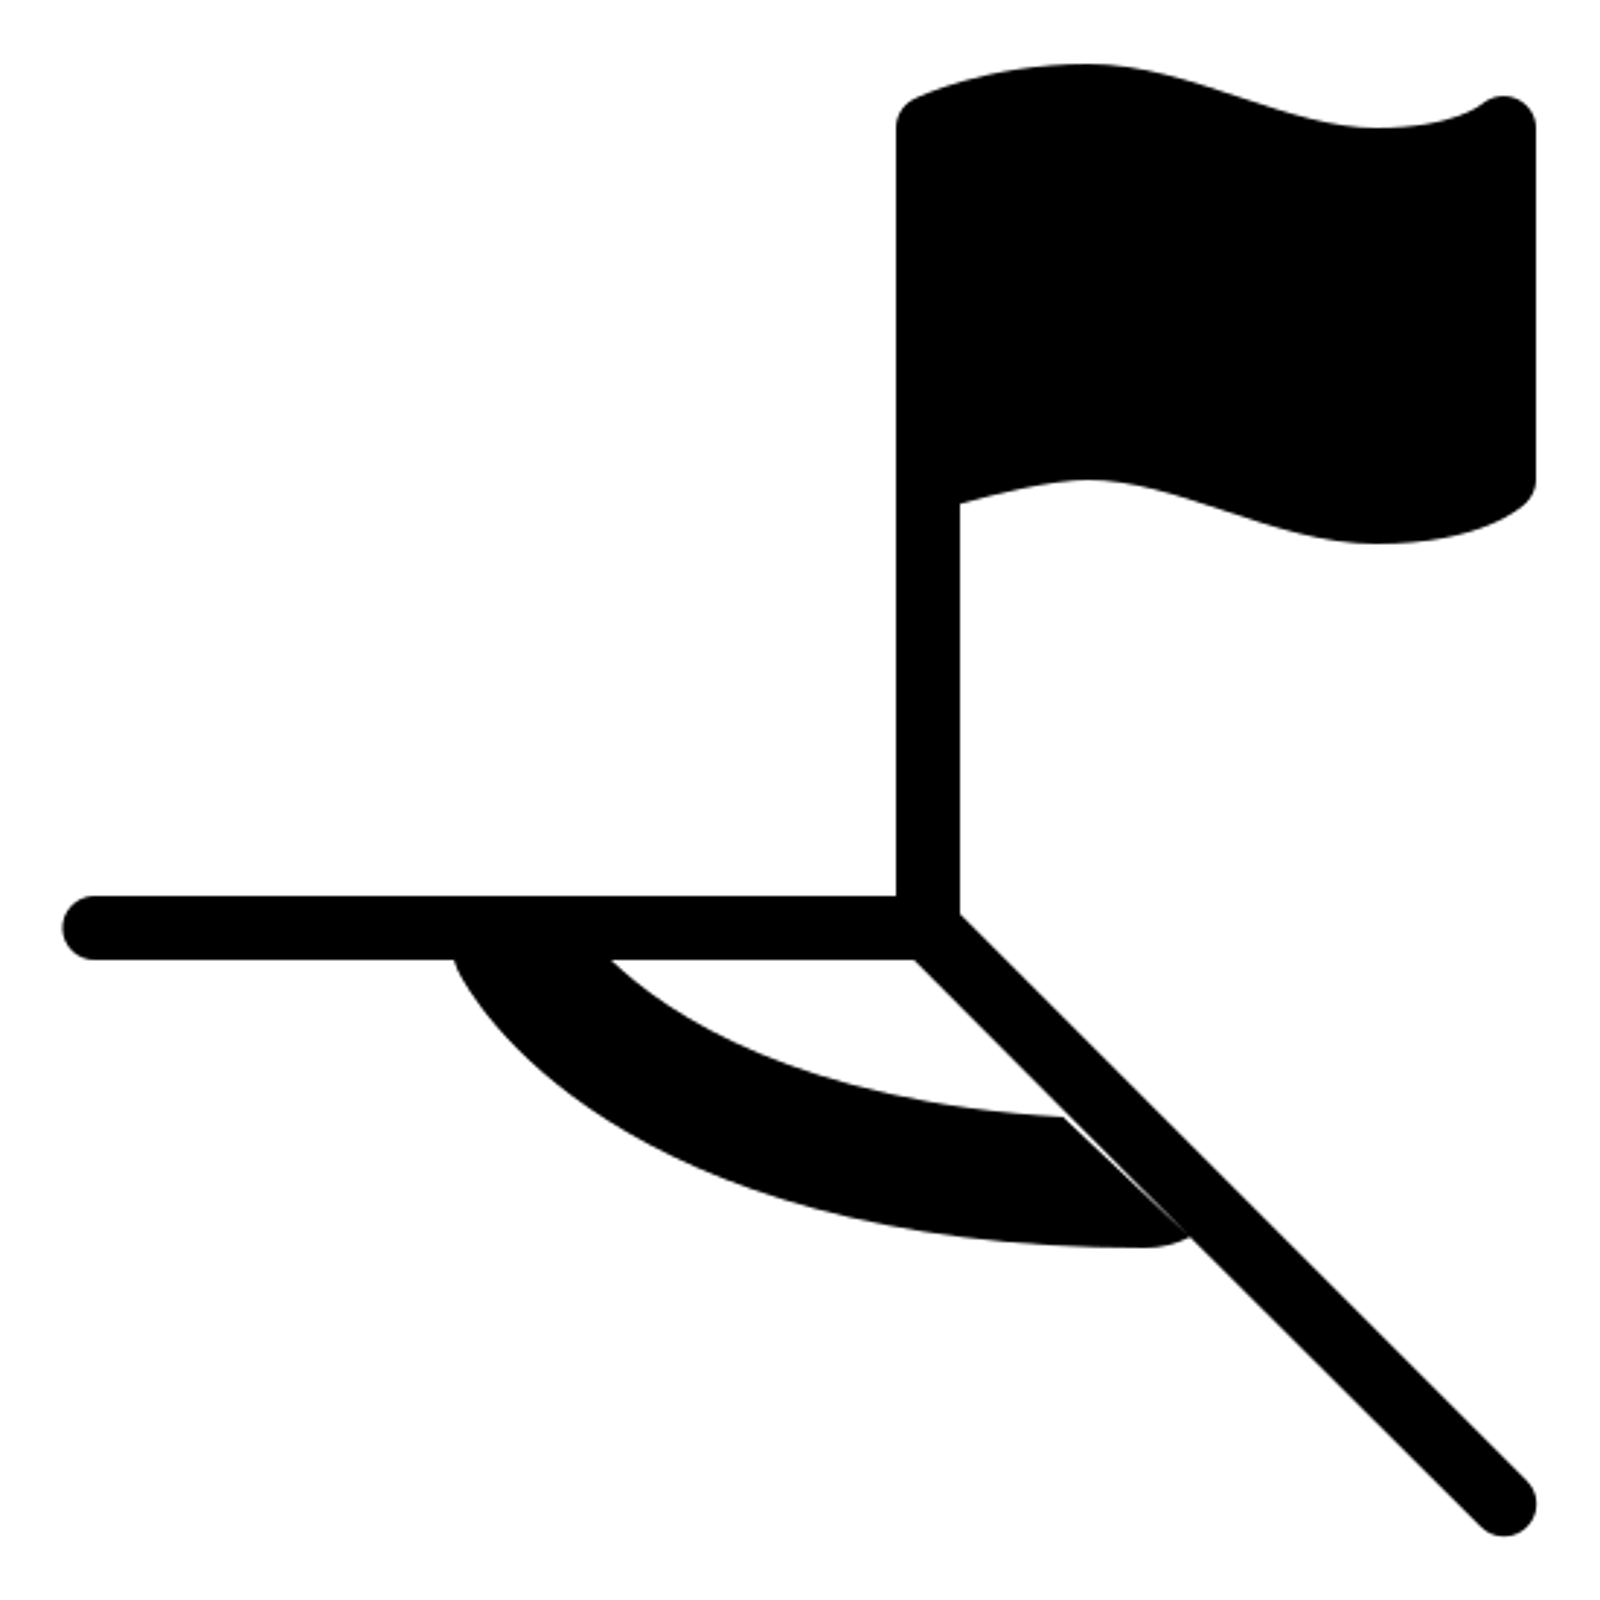 足球角球 icon